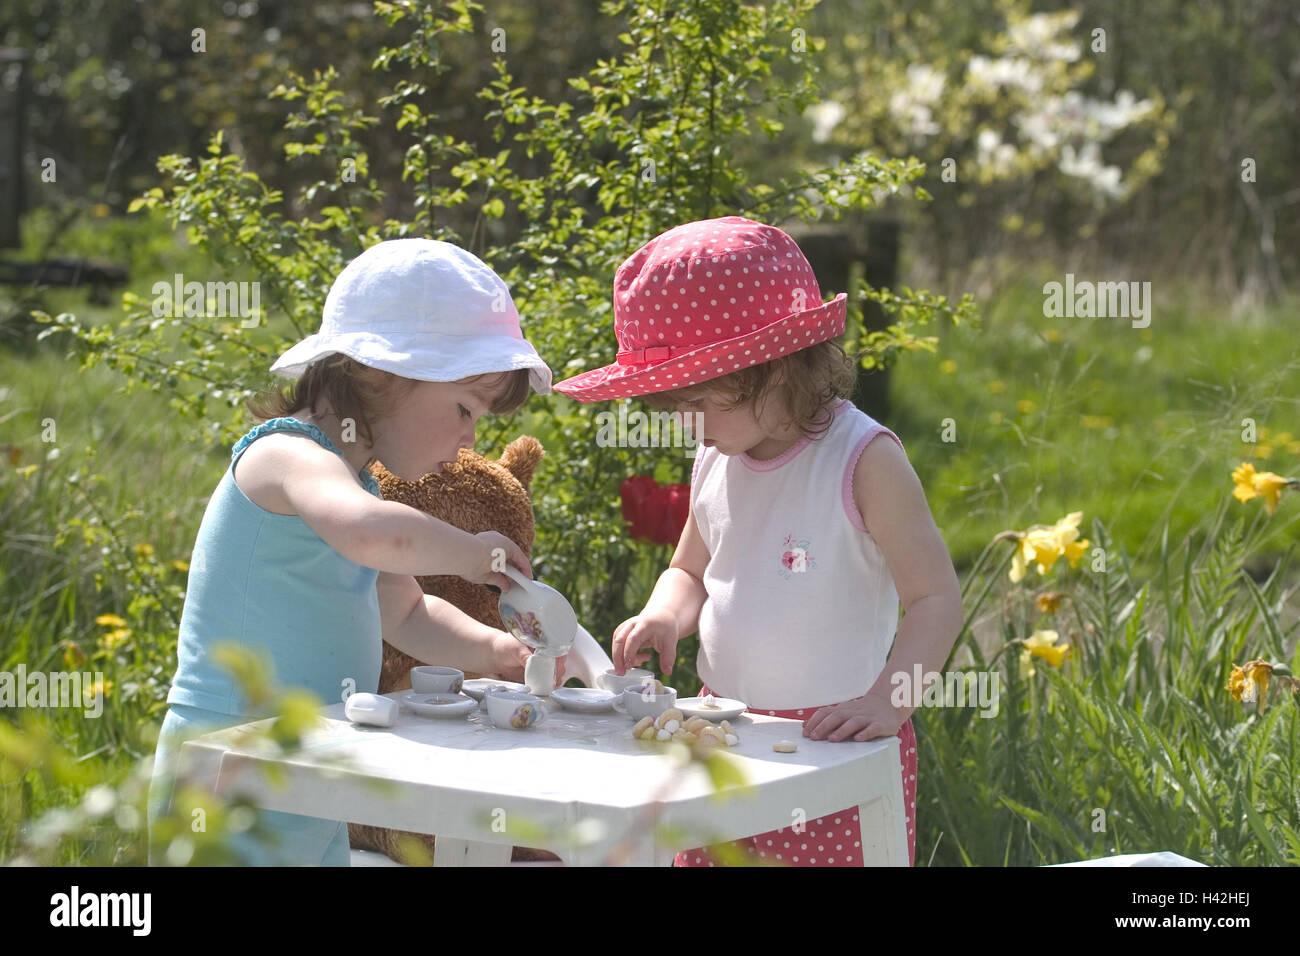 garten, mädchen, spielen, tea-party, auf der seite, kinder, 2-4